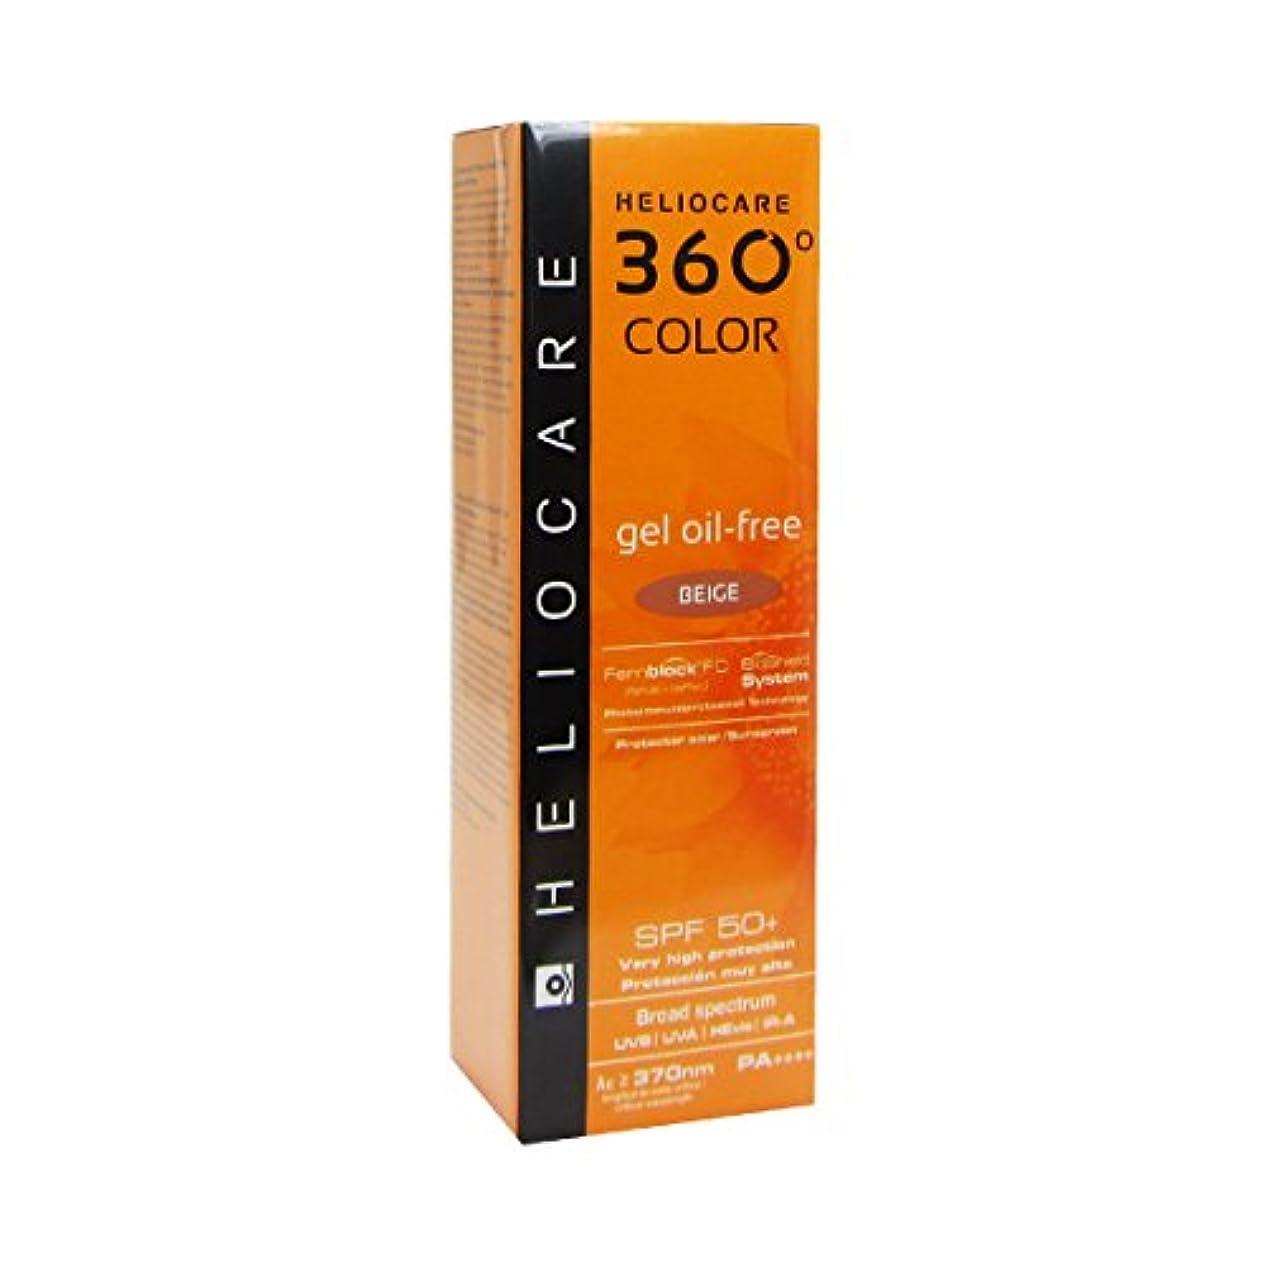 装置面倒ずんぐりしたHeliocare 360 Gel-color Oil-free Spf50 Beige 50ml [並行輸入品]